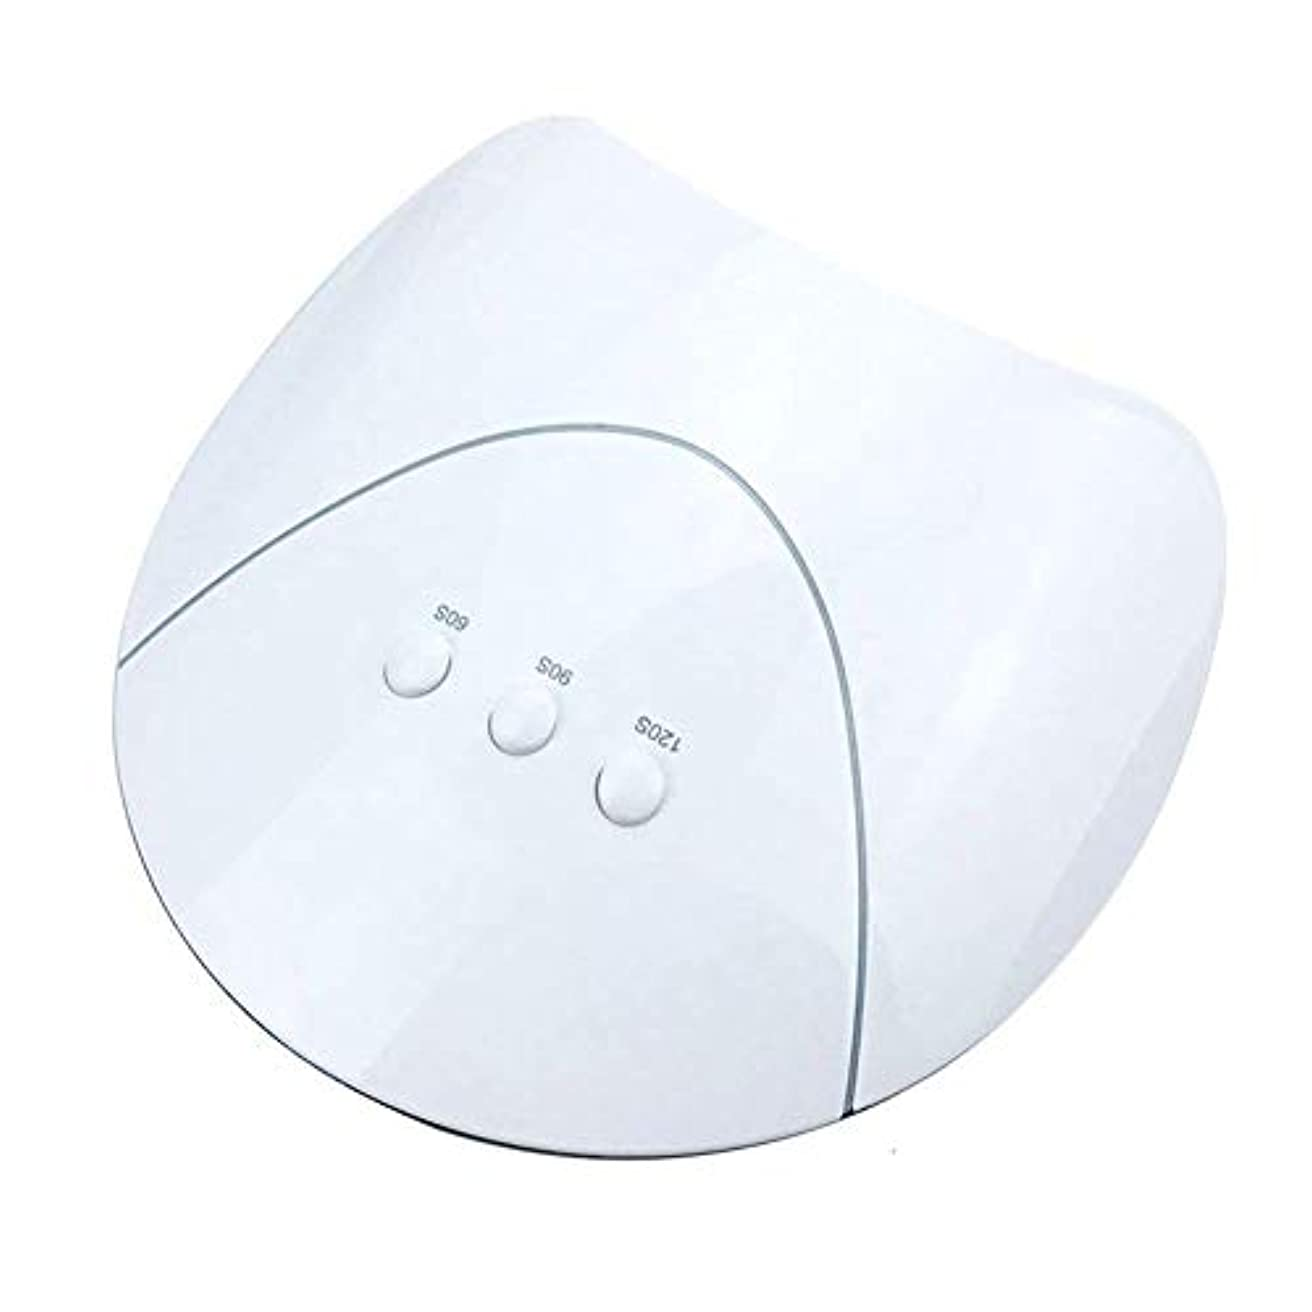 ぶどう緩める連結するネイルドライヤー用ネイルドライヤーランプ36Wネイル用UVドライヤーランプマニキュア乾燥用ネイルポリッシュアイスランプネイルマニキュア機USB充電、写真の色